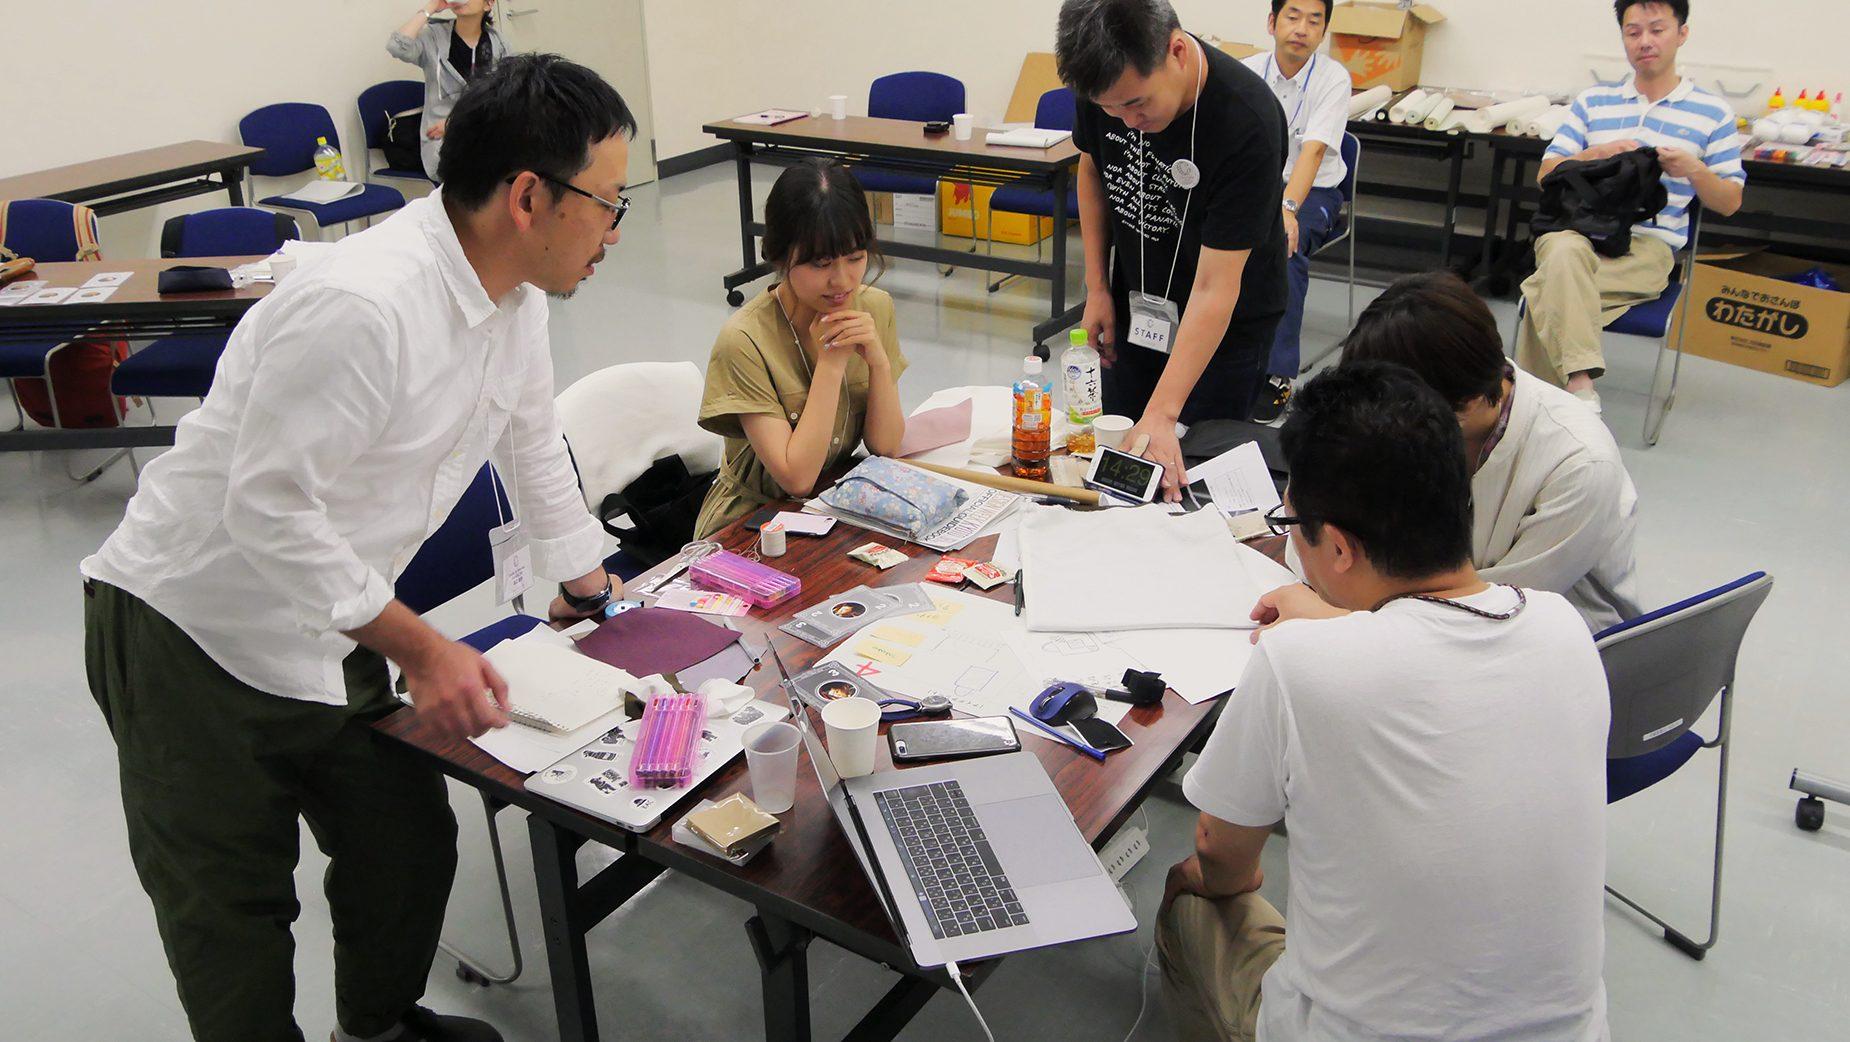 専門的な質問を直接谷口さんに相談しながら課題を解決して行く。時折、主催者の北林さんも参加者からの相談に丁寧に応えていた。